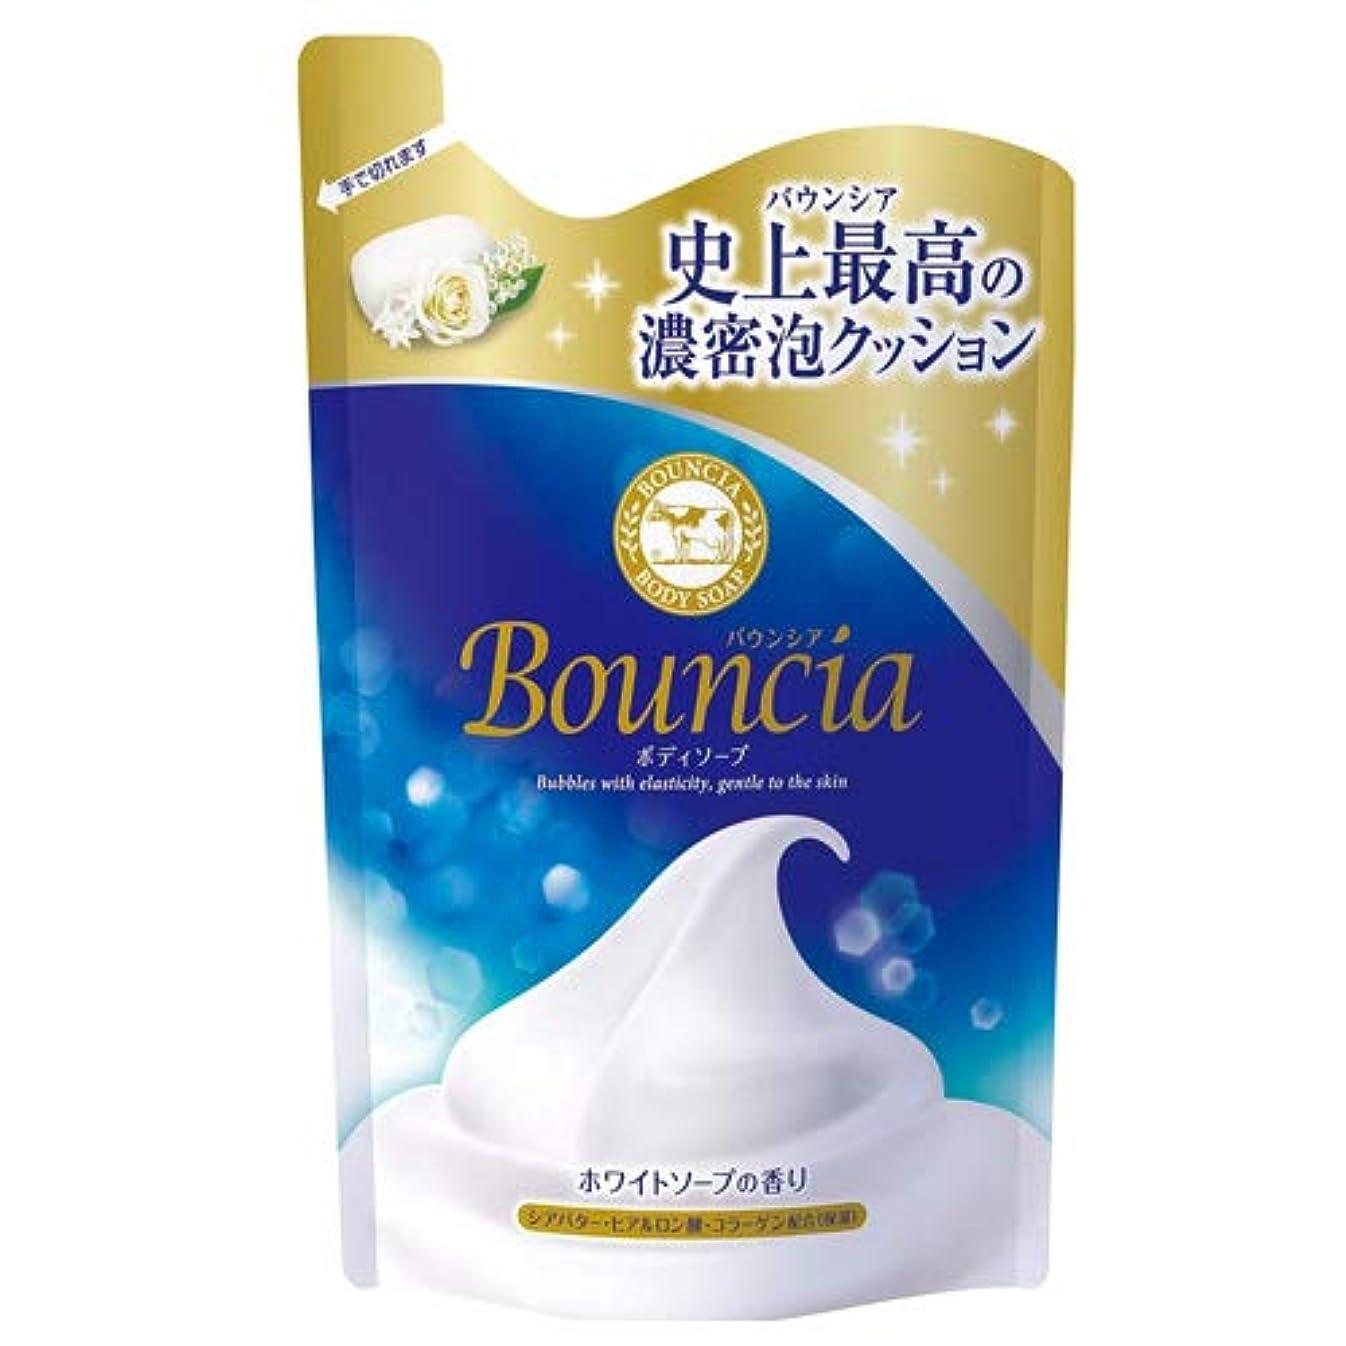 申請者恋人満足牛乳石鹸 バウンシア ボディソープ 詰替用 400ml×4個